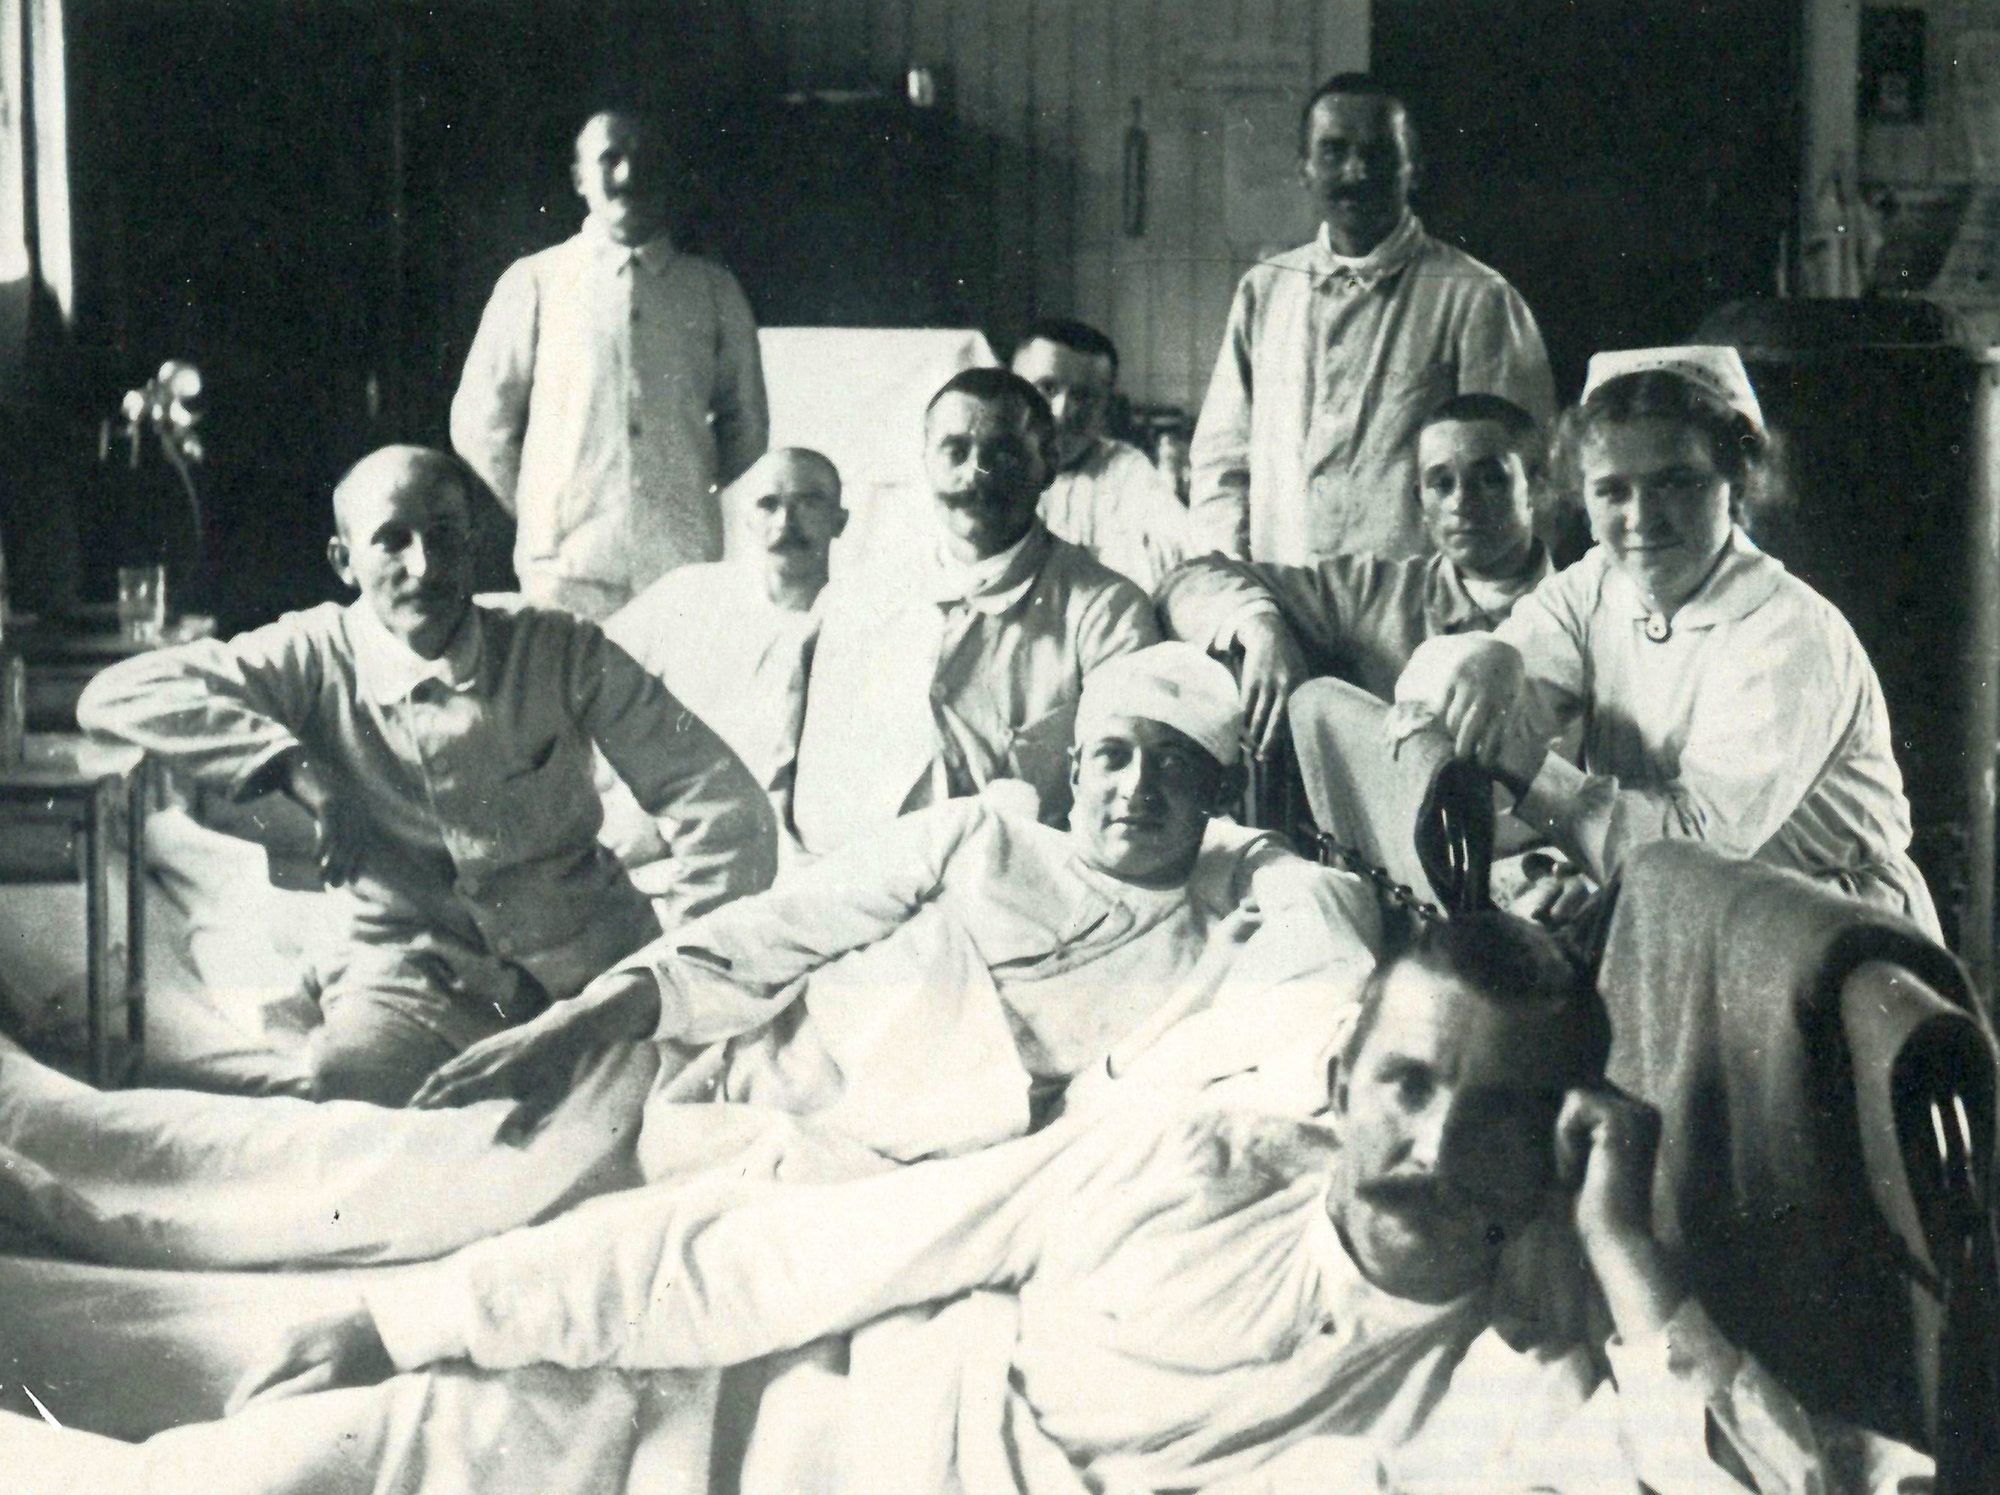 Ein historiches Schwarz-Weiß Foto: Mehrere Männer in und um ihre Betten im Vereinslazarett. Rechts im Bild auch eine Krankenschwester.